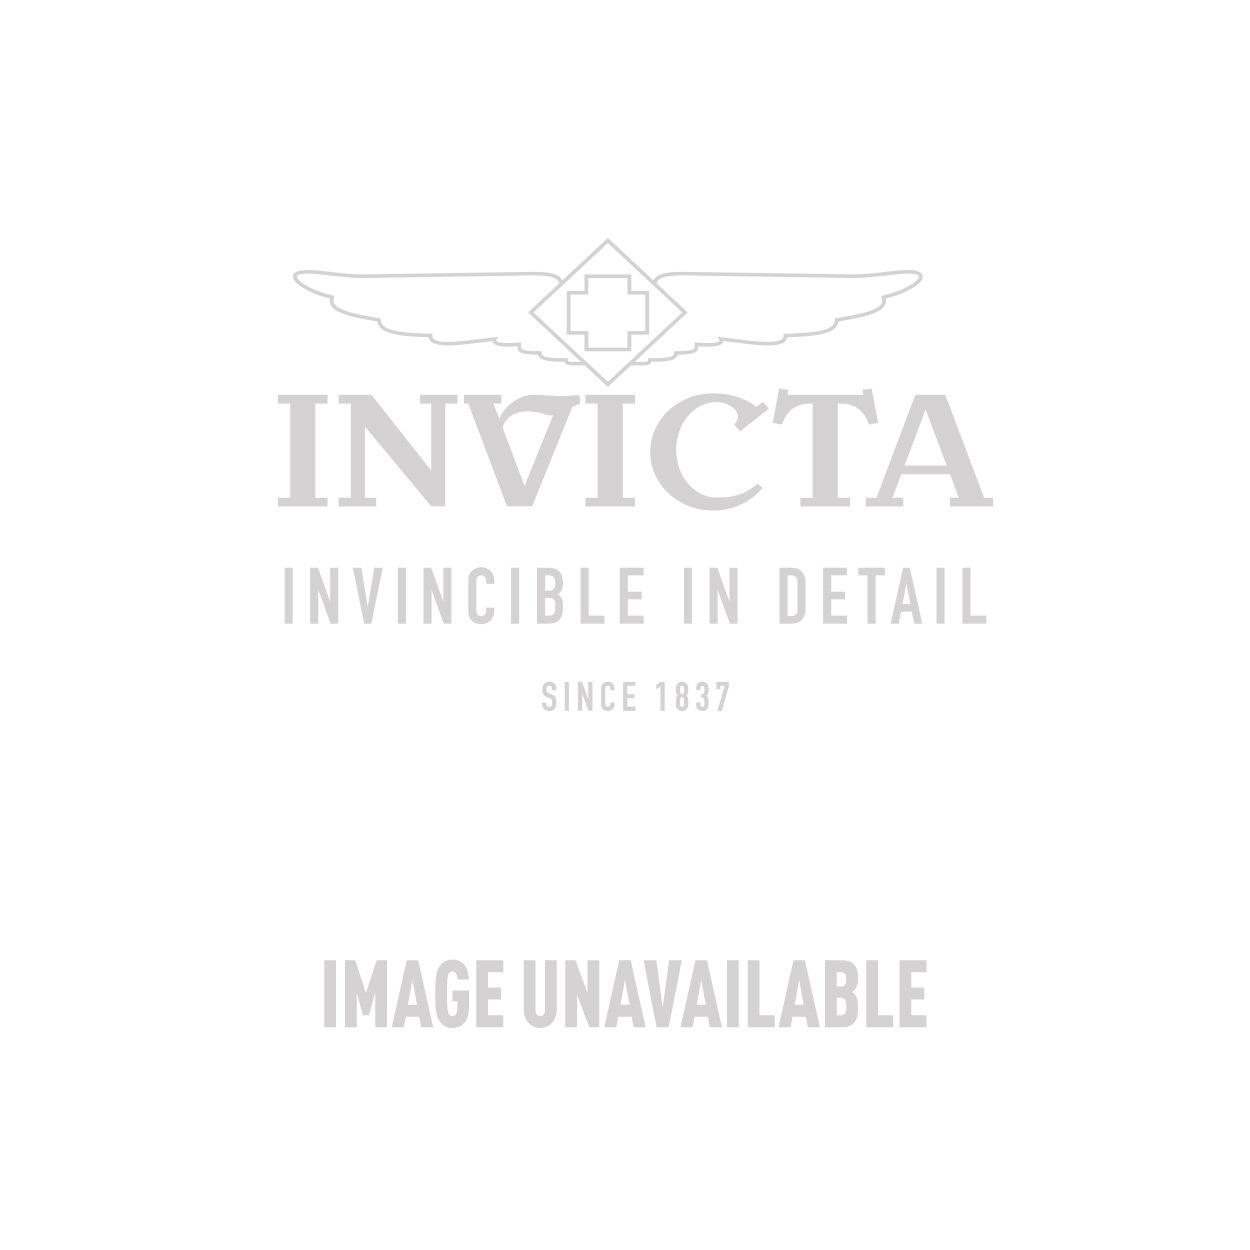 Invicta Model 21792